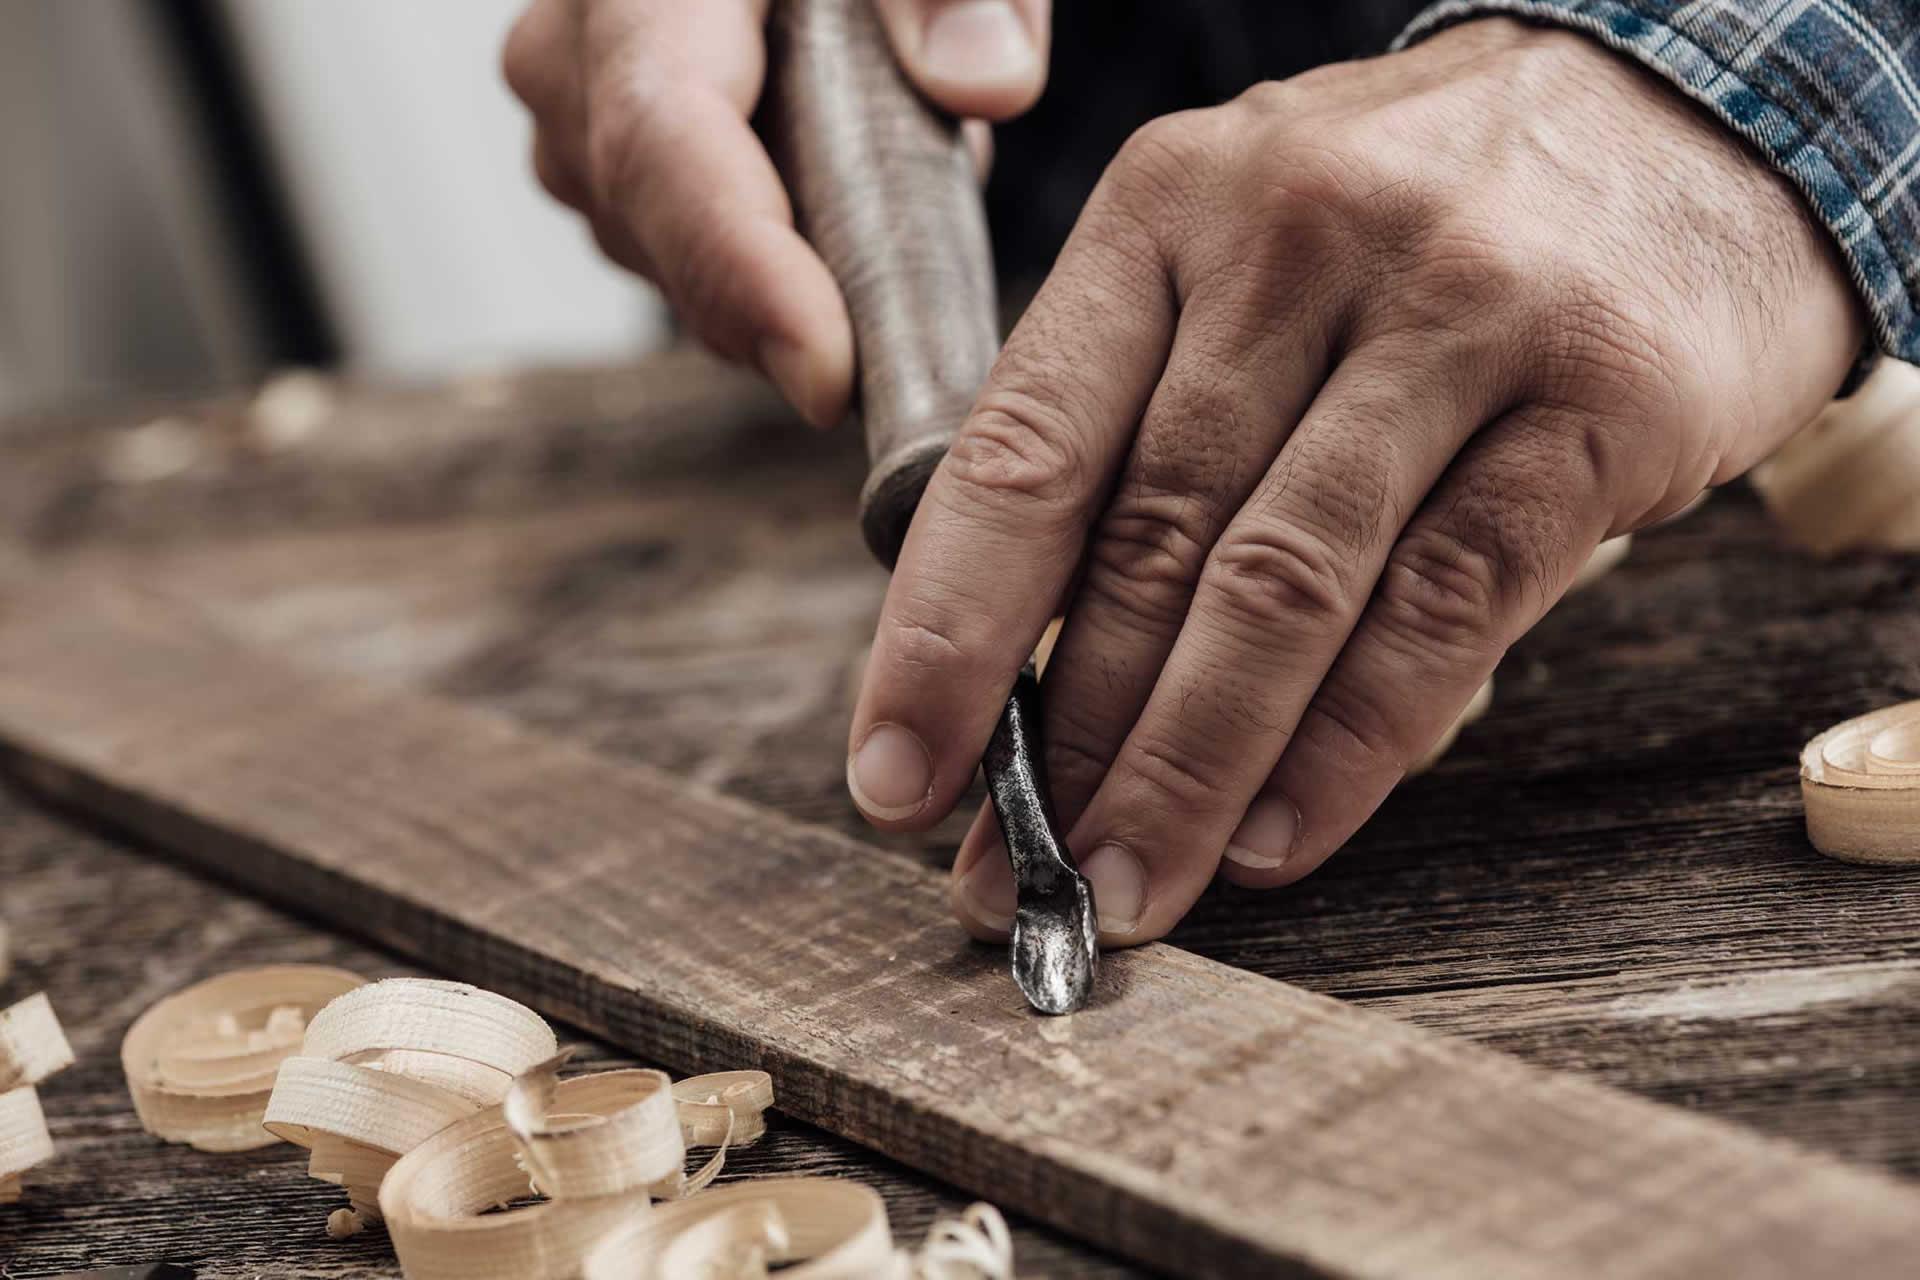 Cucine artigianali italiane